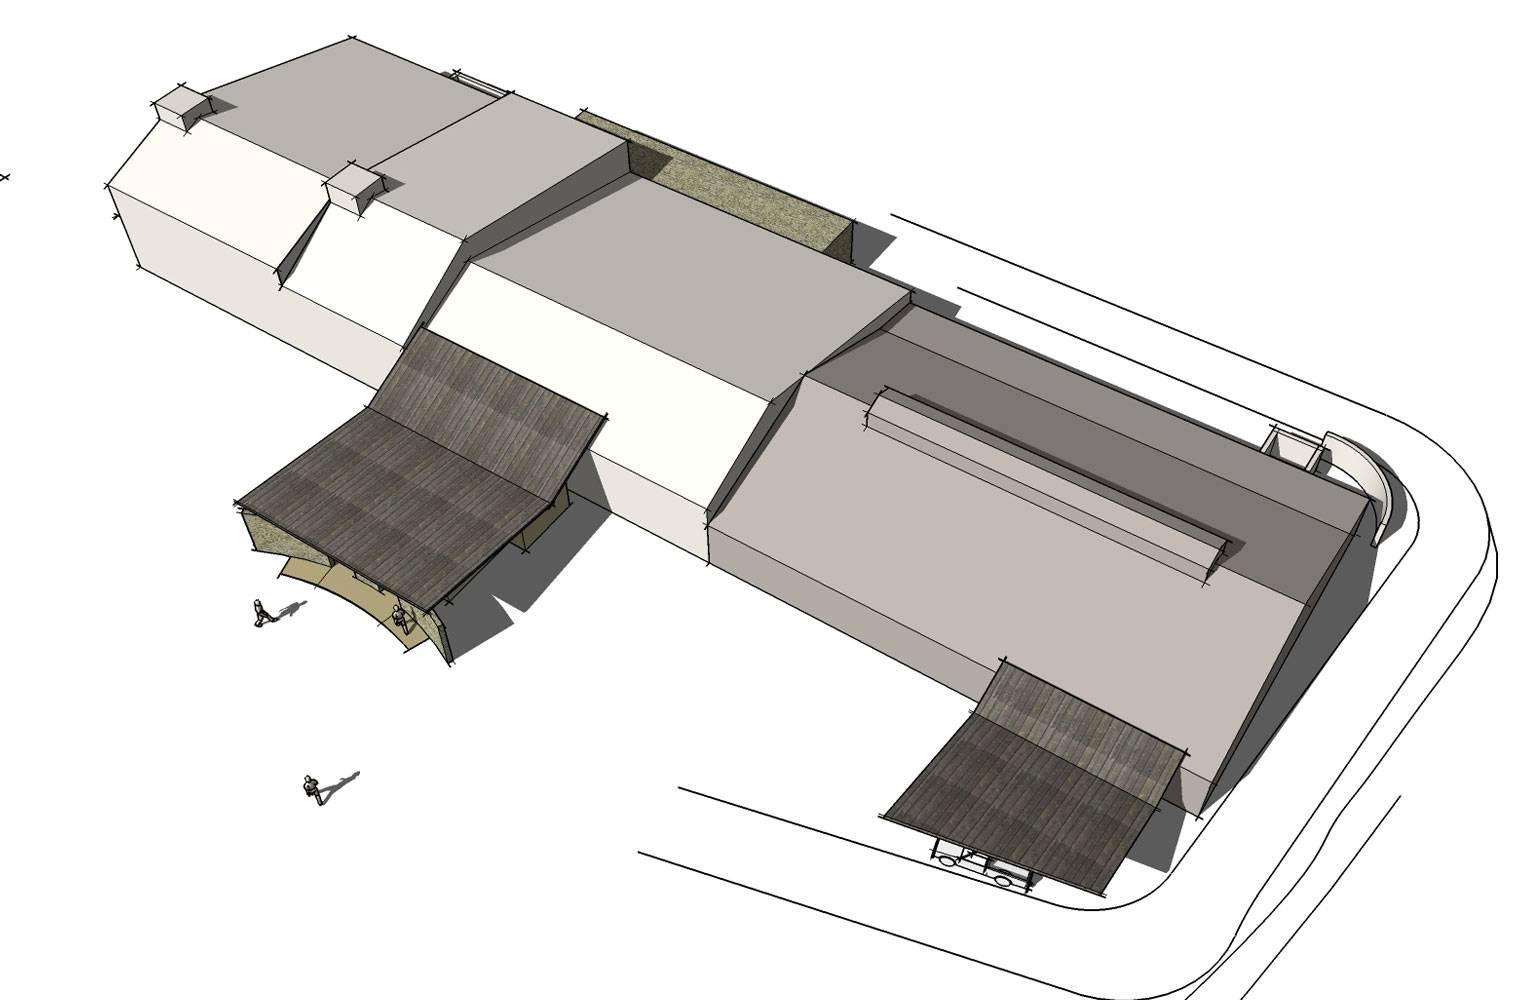 Parceval Pharmaceuticals - Factory Concept